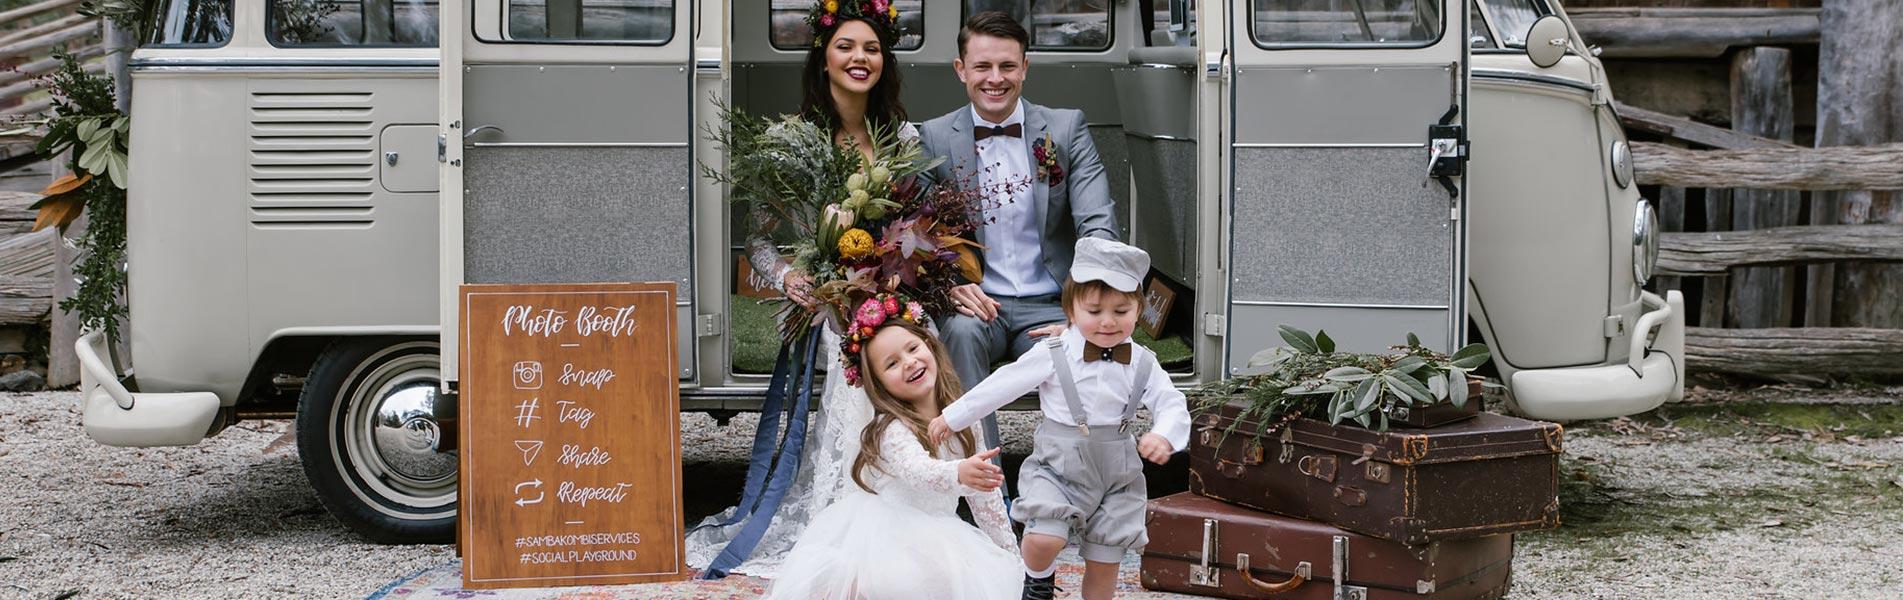 kombi hire wedding